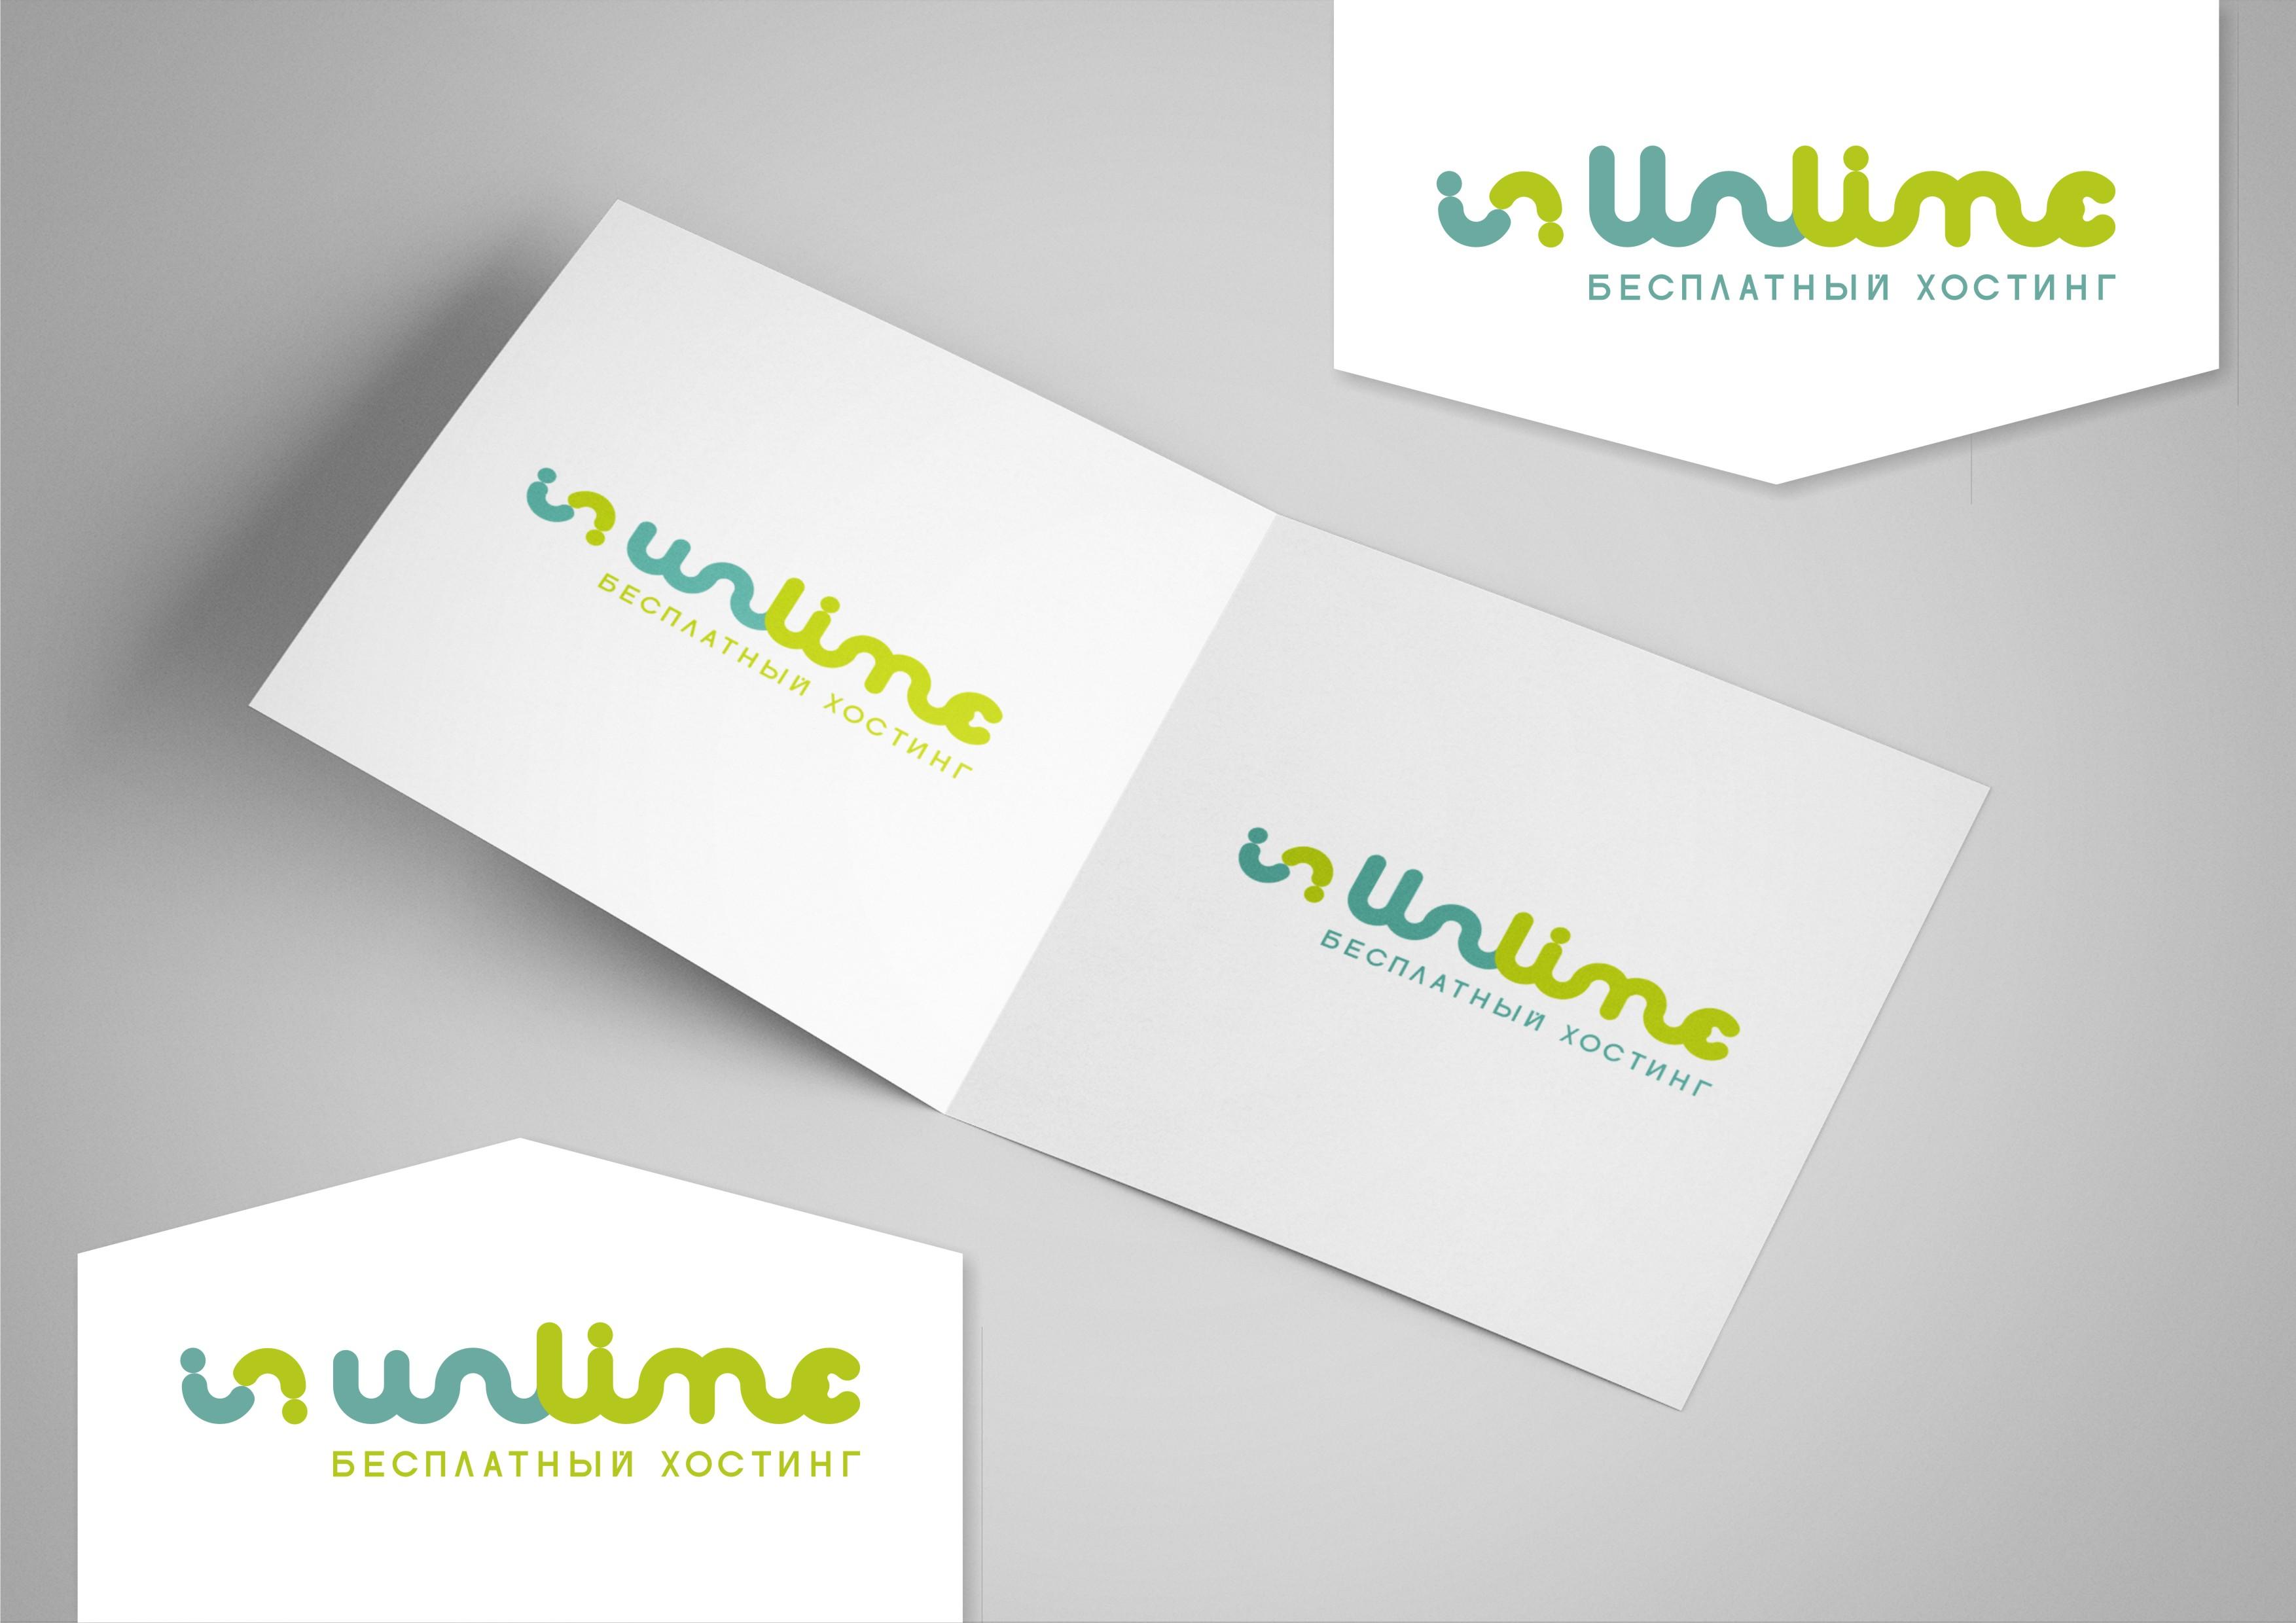 Разработка логотипа и фирменного стиля фото f_541595d22f2ea5ec.jpg